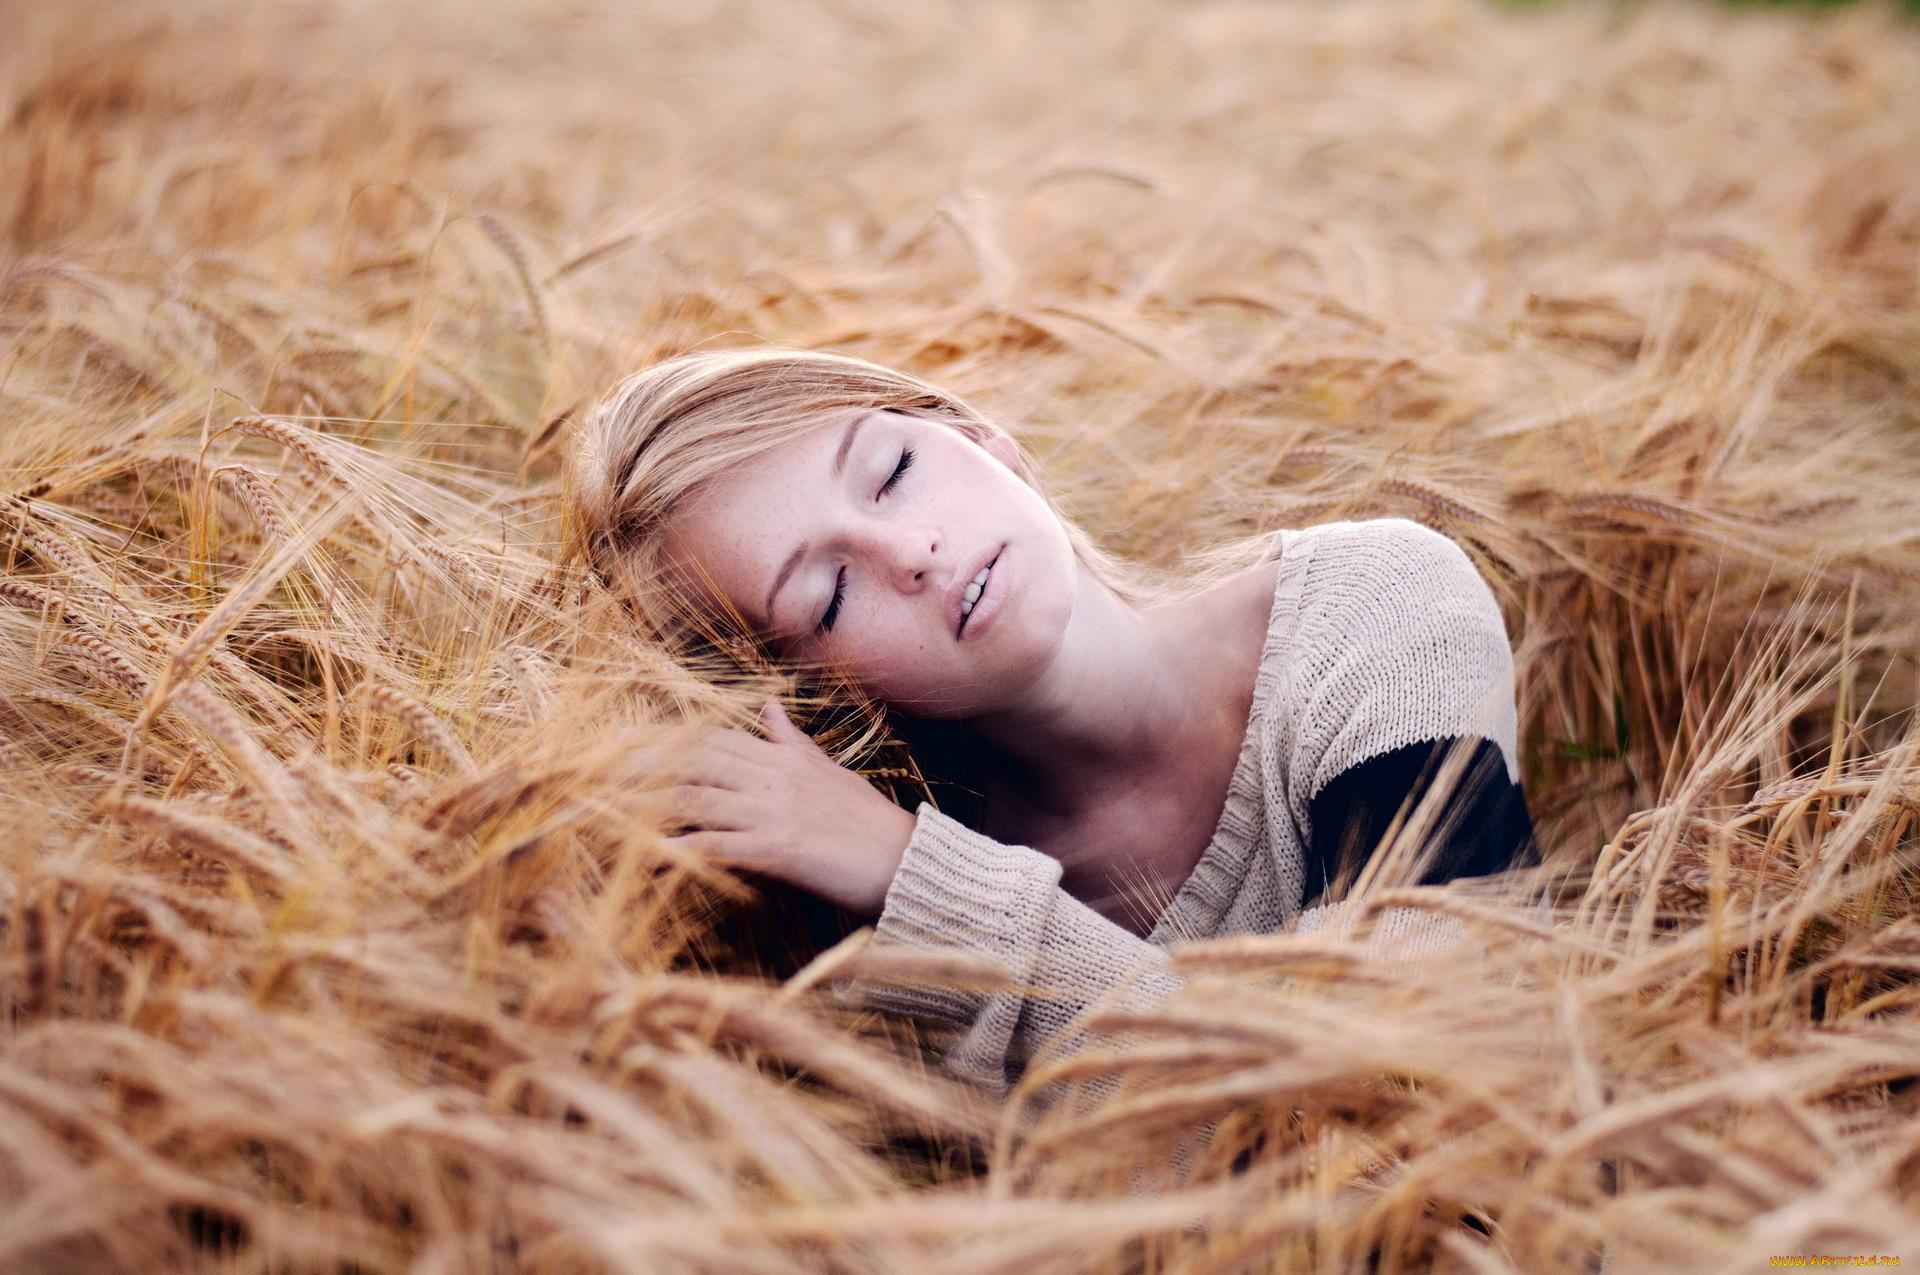 Девушка в поле с колосьями  № 1822144 бесплатно